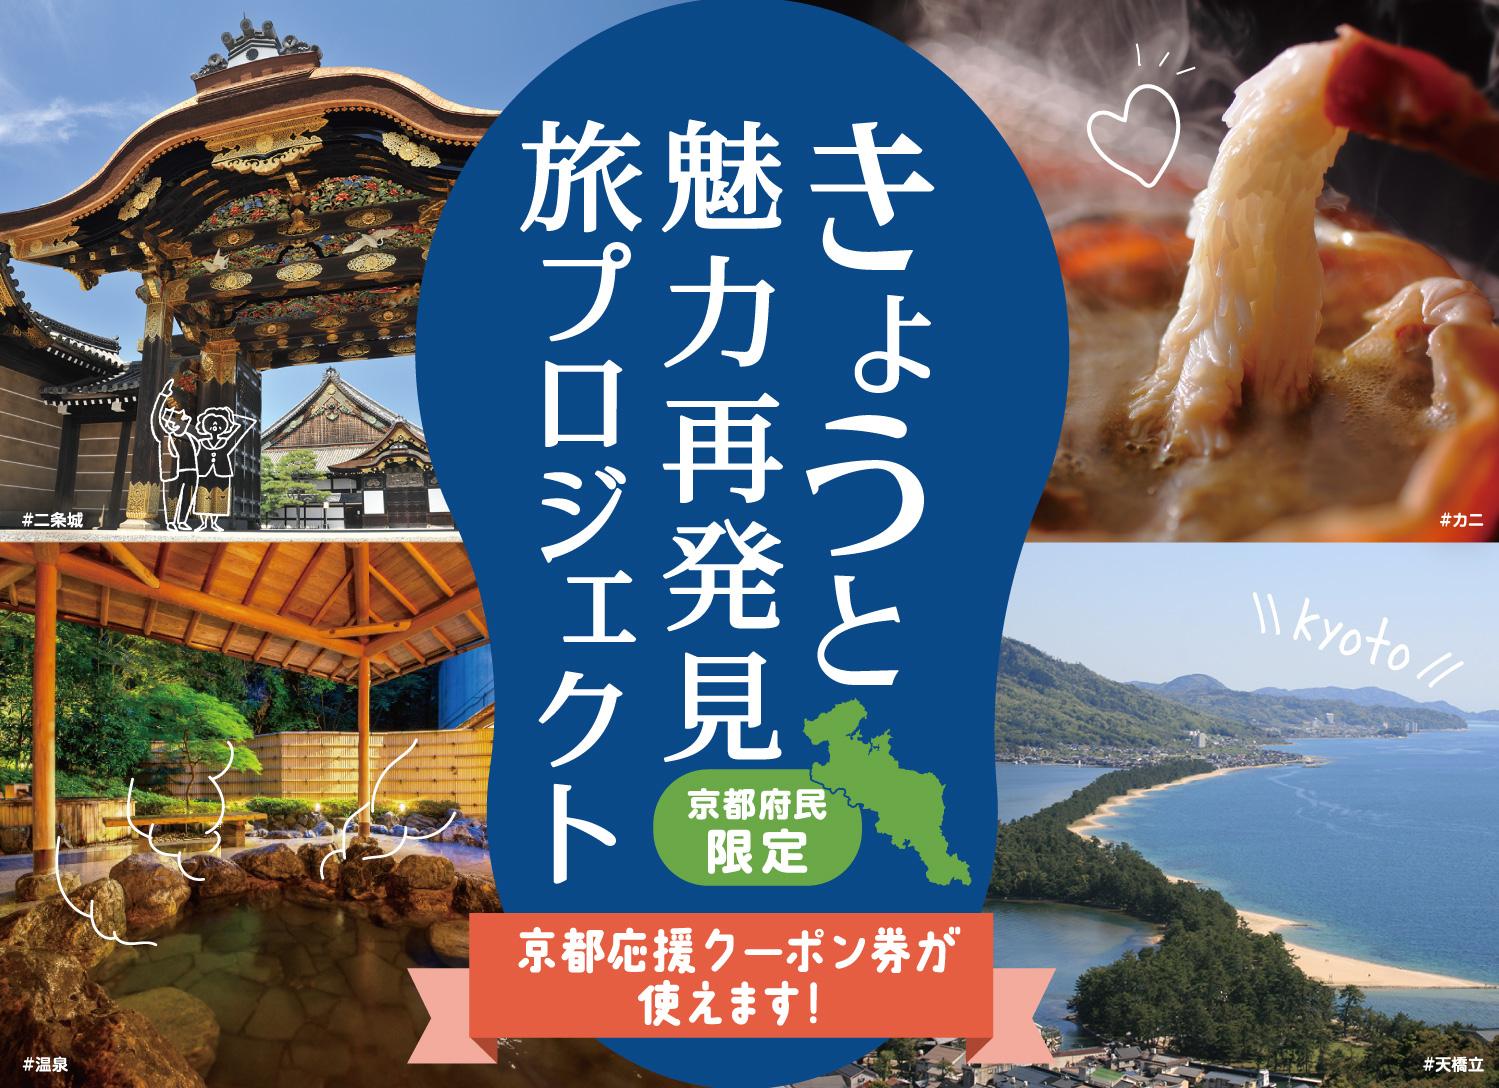 きょうと魅力再発見旅プロジェクト【京都府民割】はじまりました。